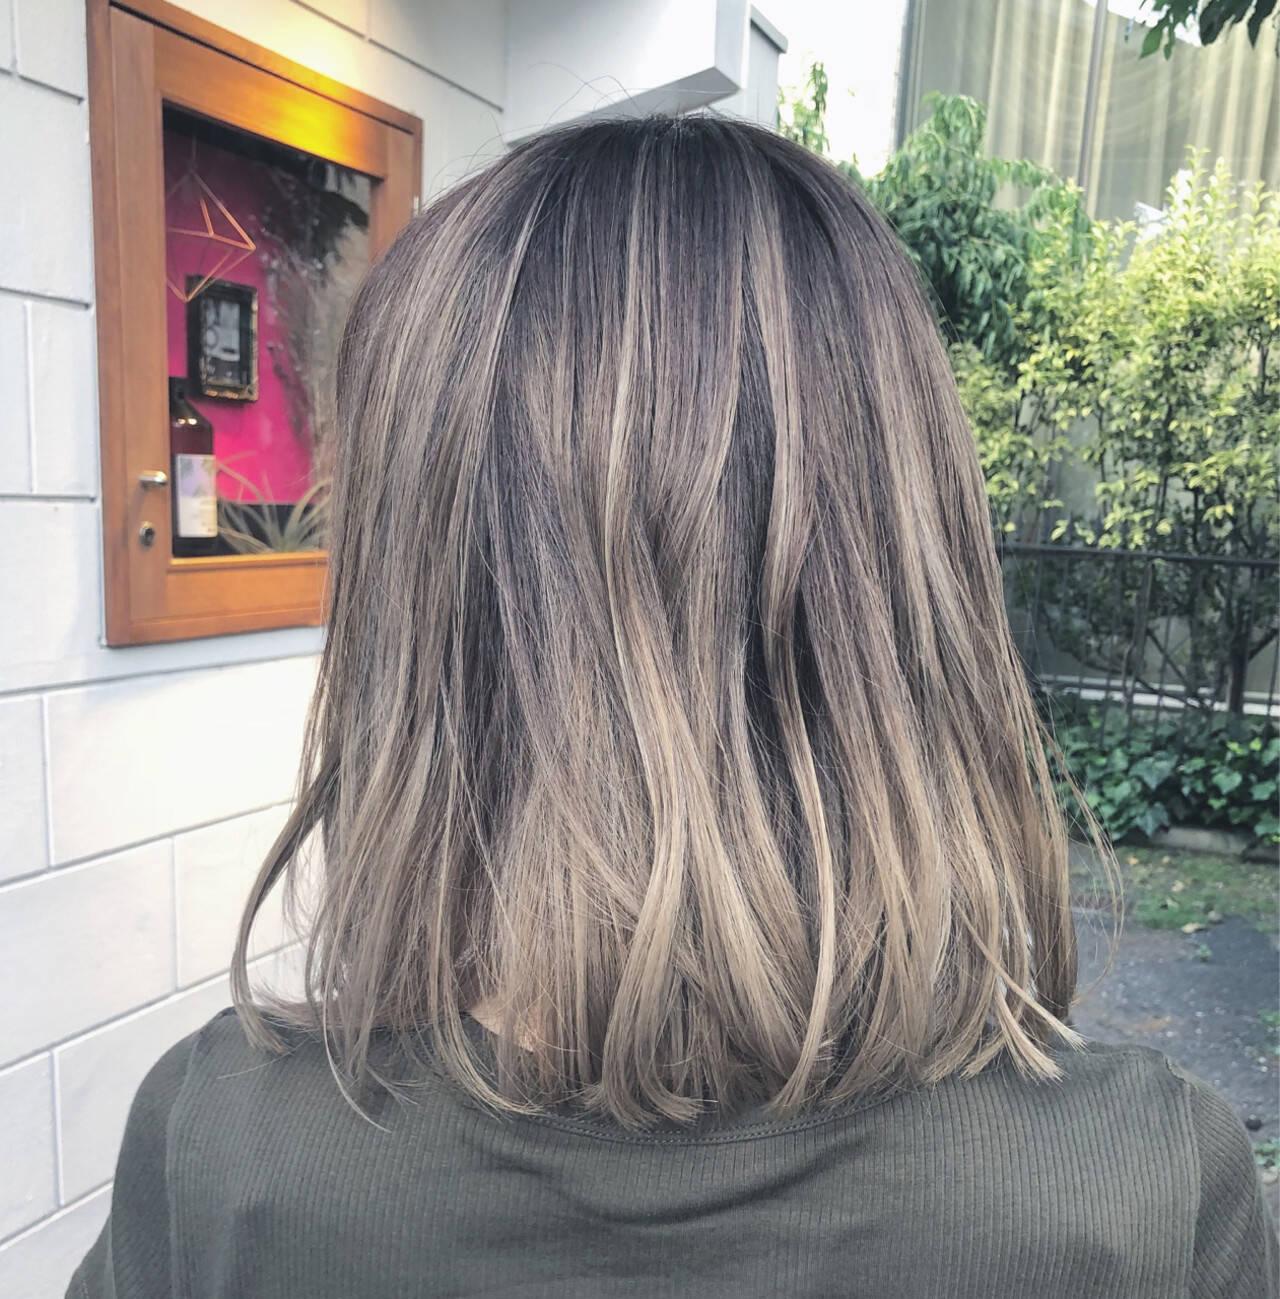 グラデーションカラー 透明感 ボブ ハイライトヘアスタイルや髪型の写真・画像